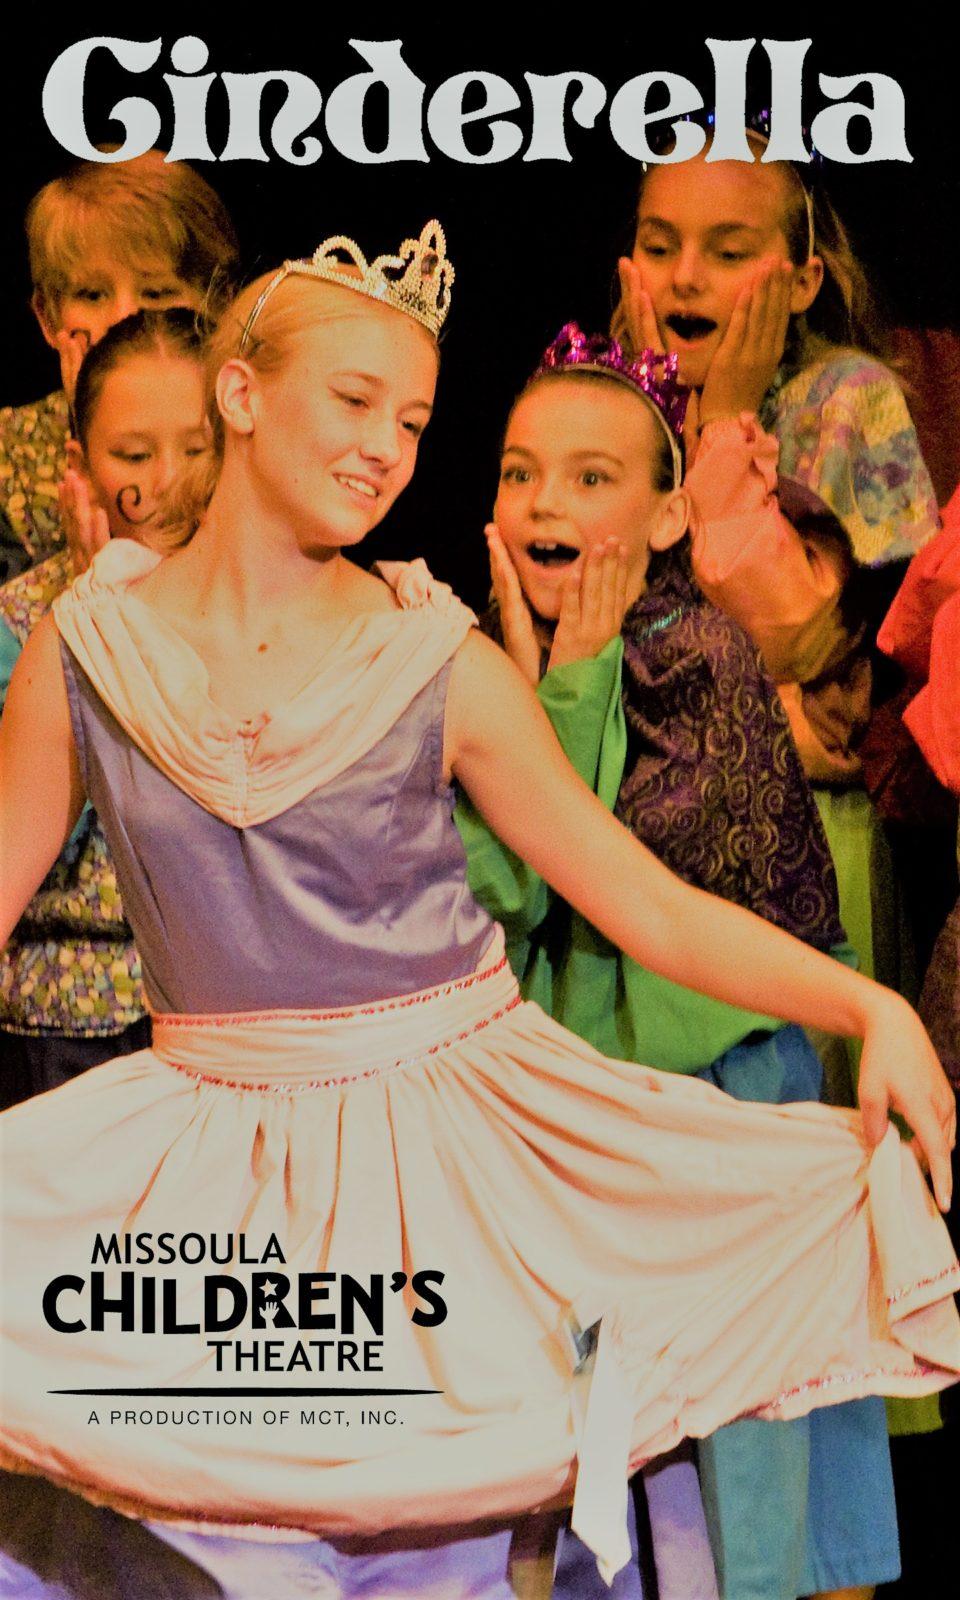 Missoula Children's Theatre: Cinderella 7PM Show @ Thrasher Opera House |  |  |